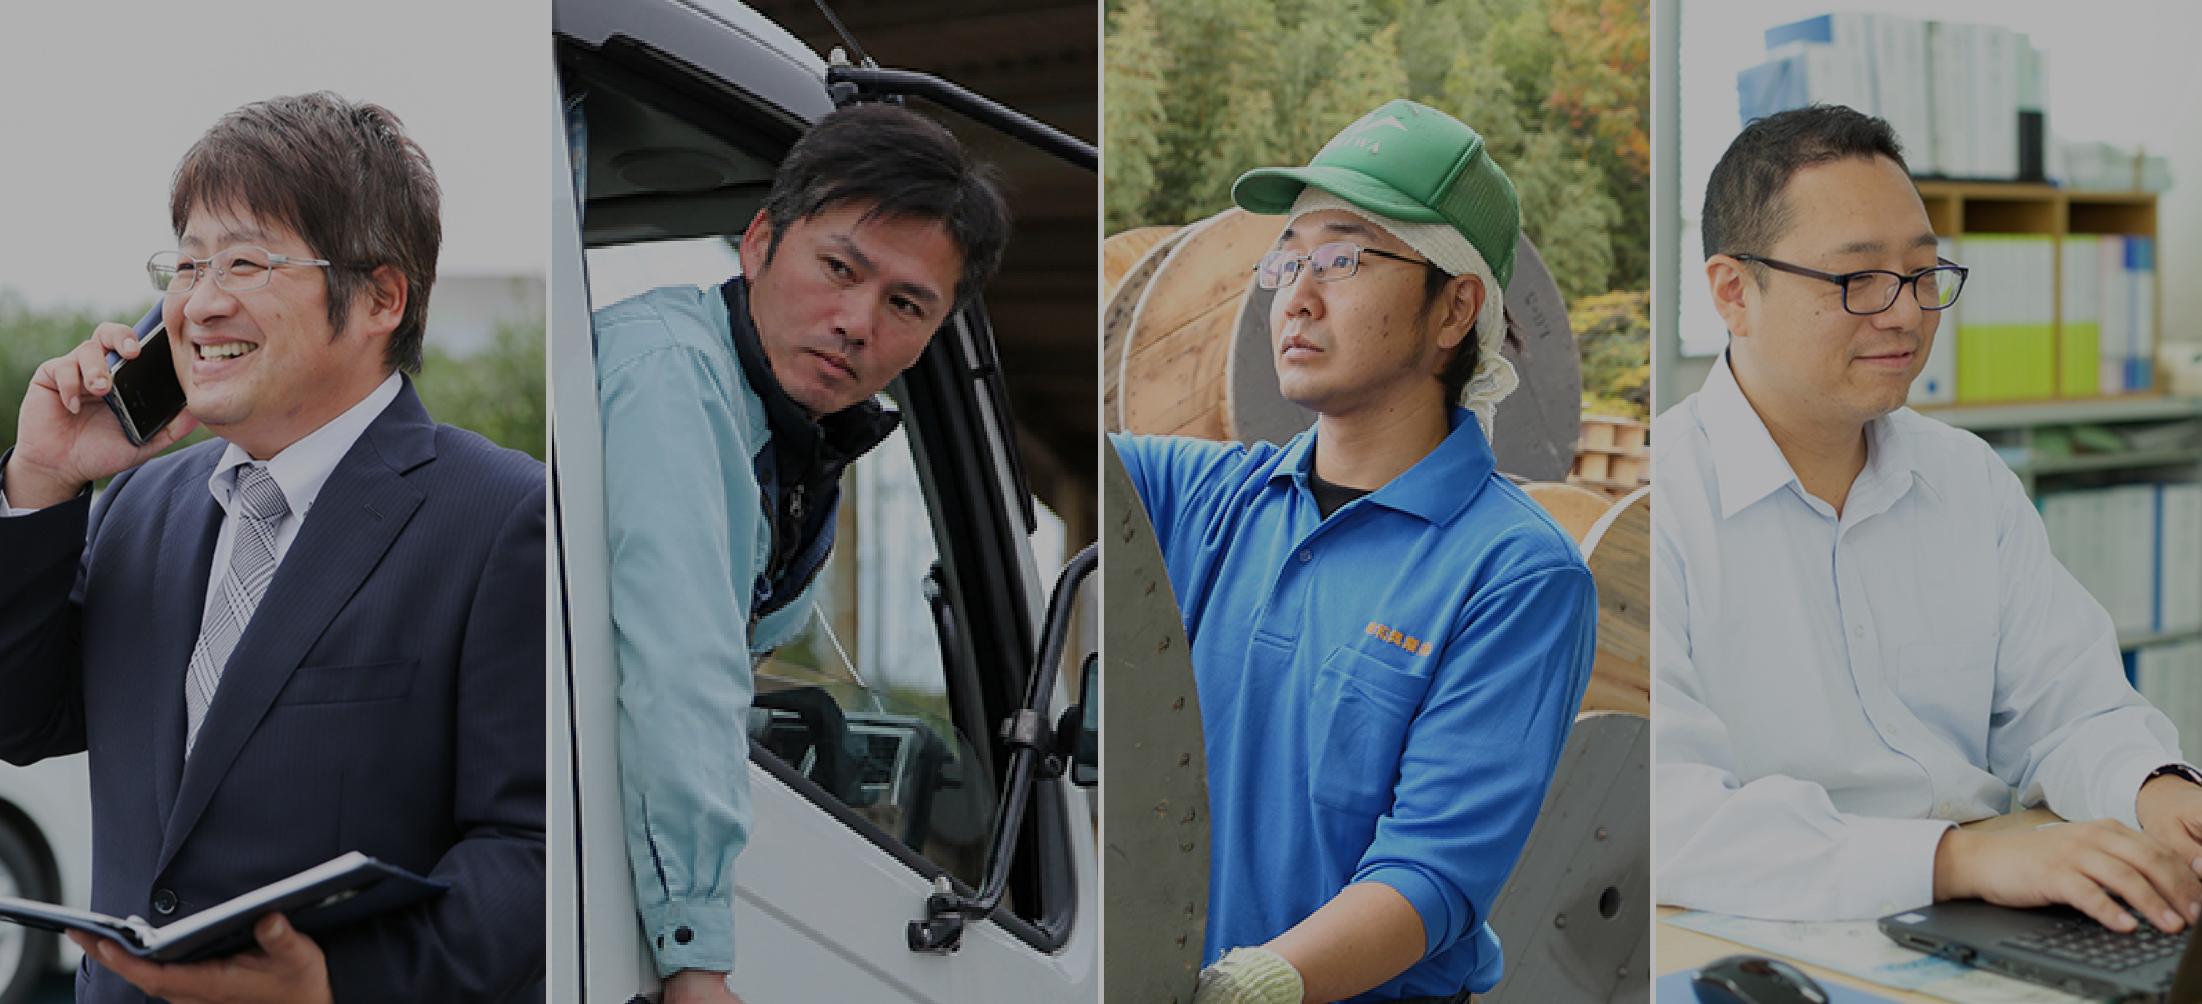 明和興業株式会社で働く4人の従業員